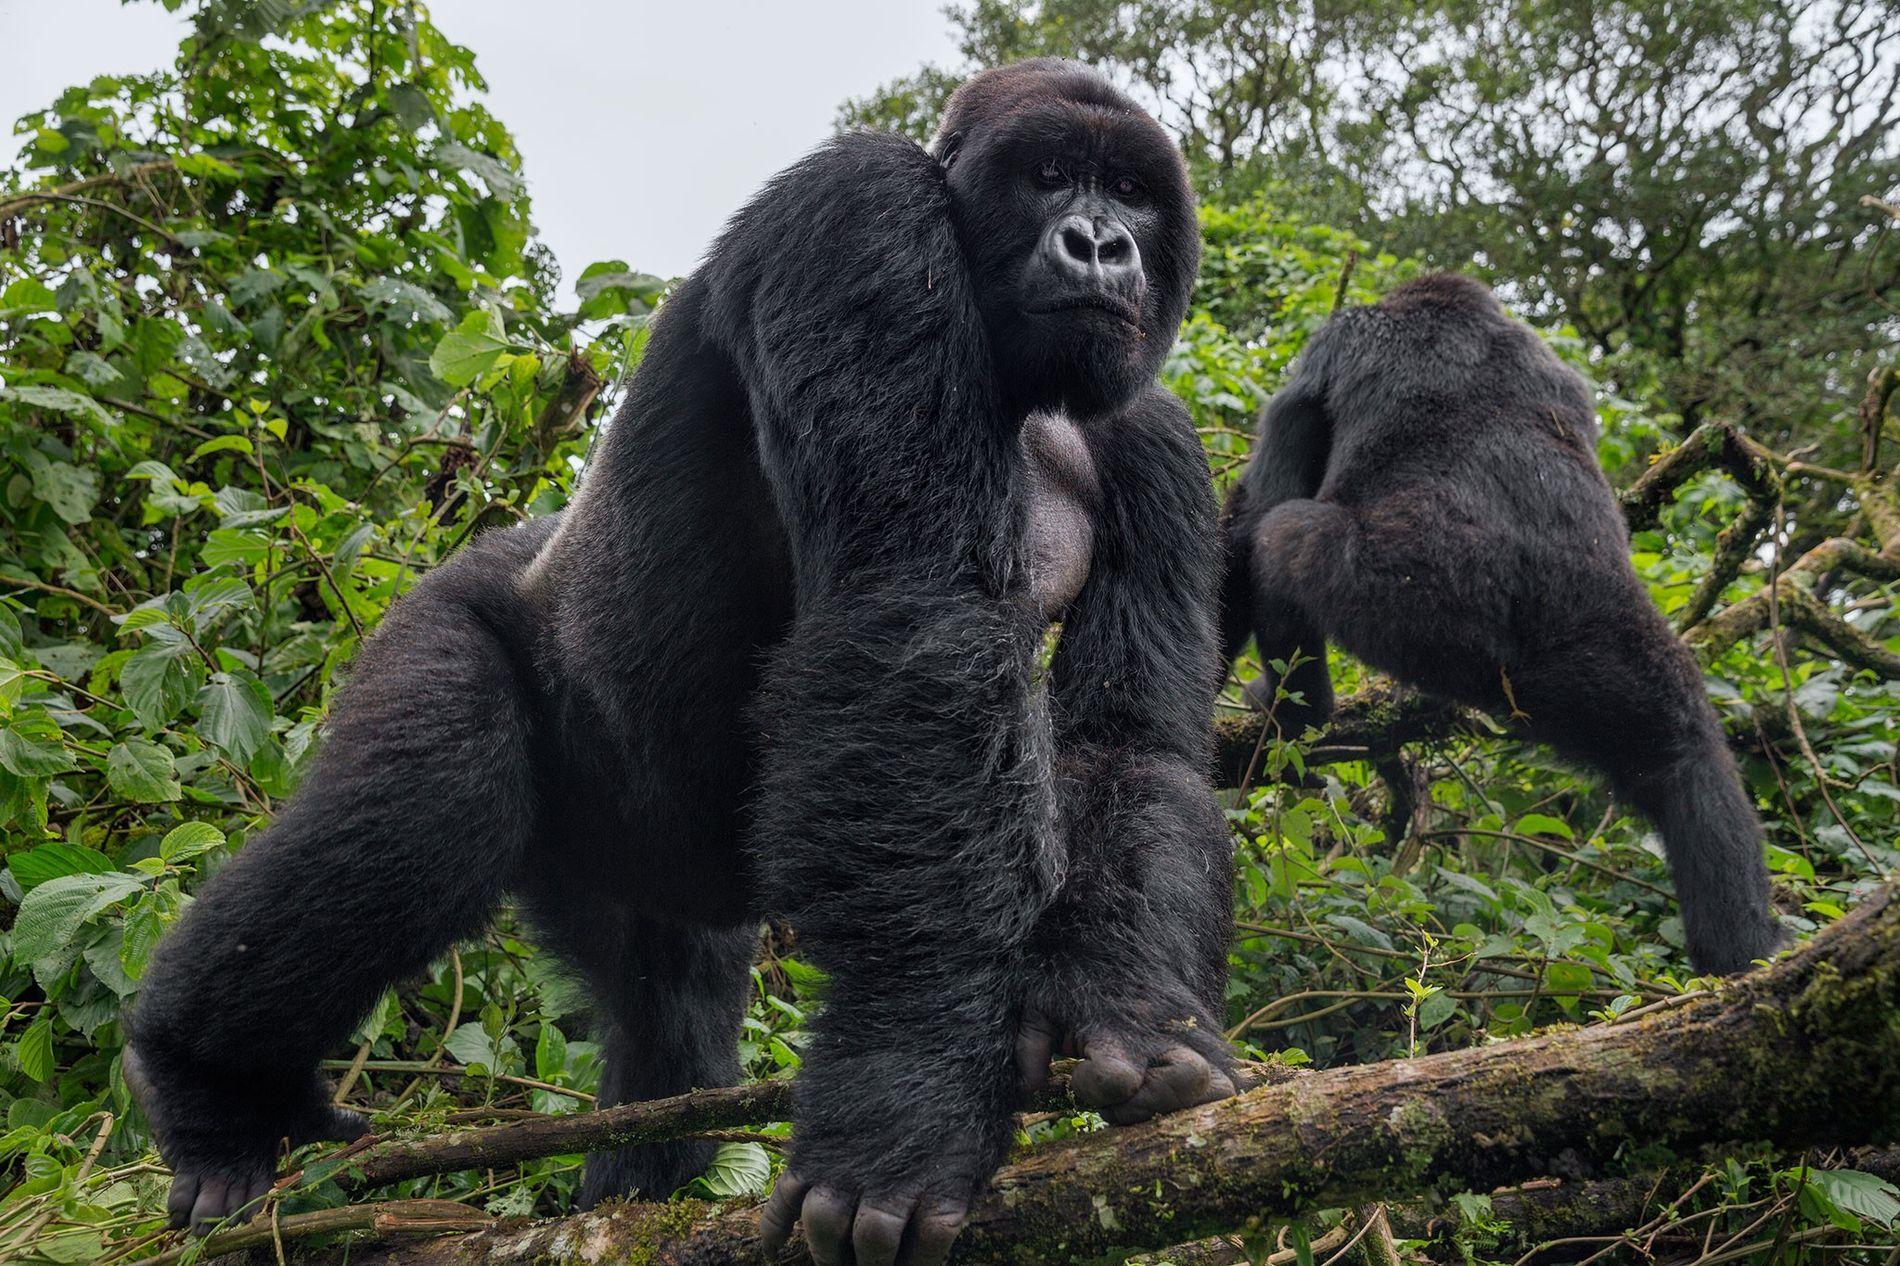 Um gorila de dorso prateado no Parque Nacional de Virunga observa um guarda florestal. É mais ...